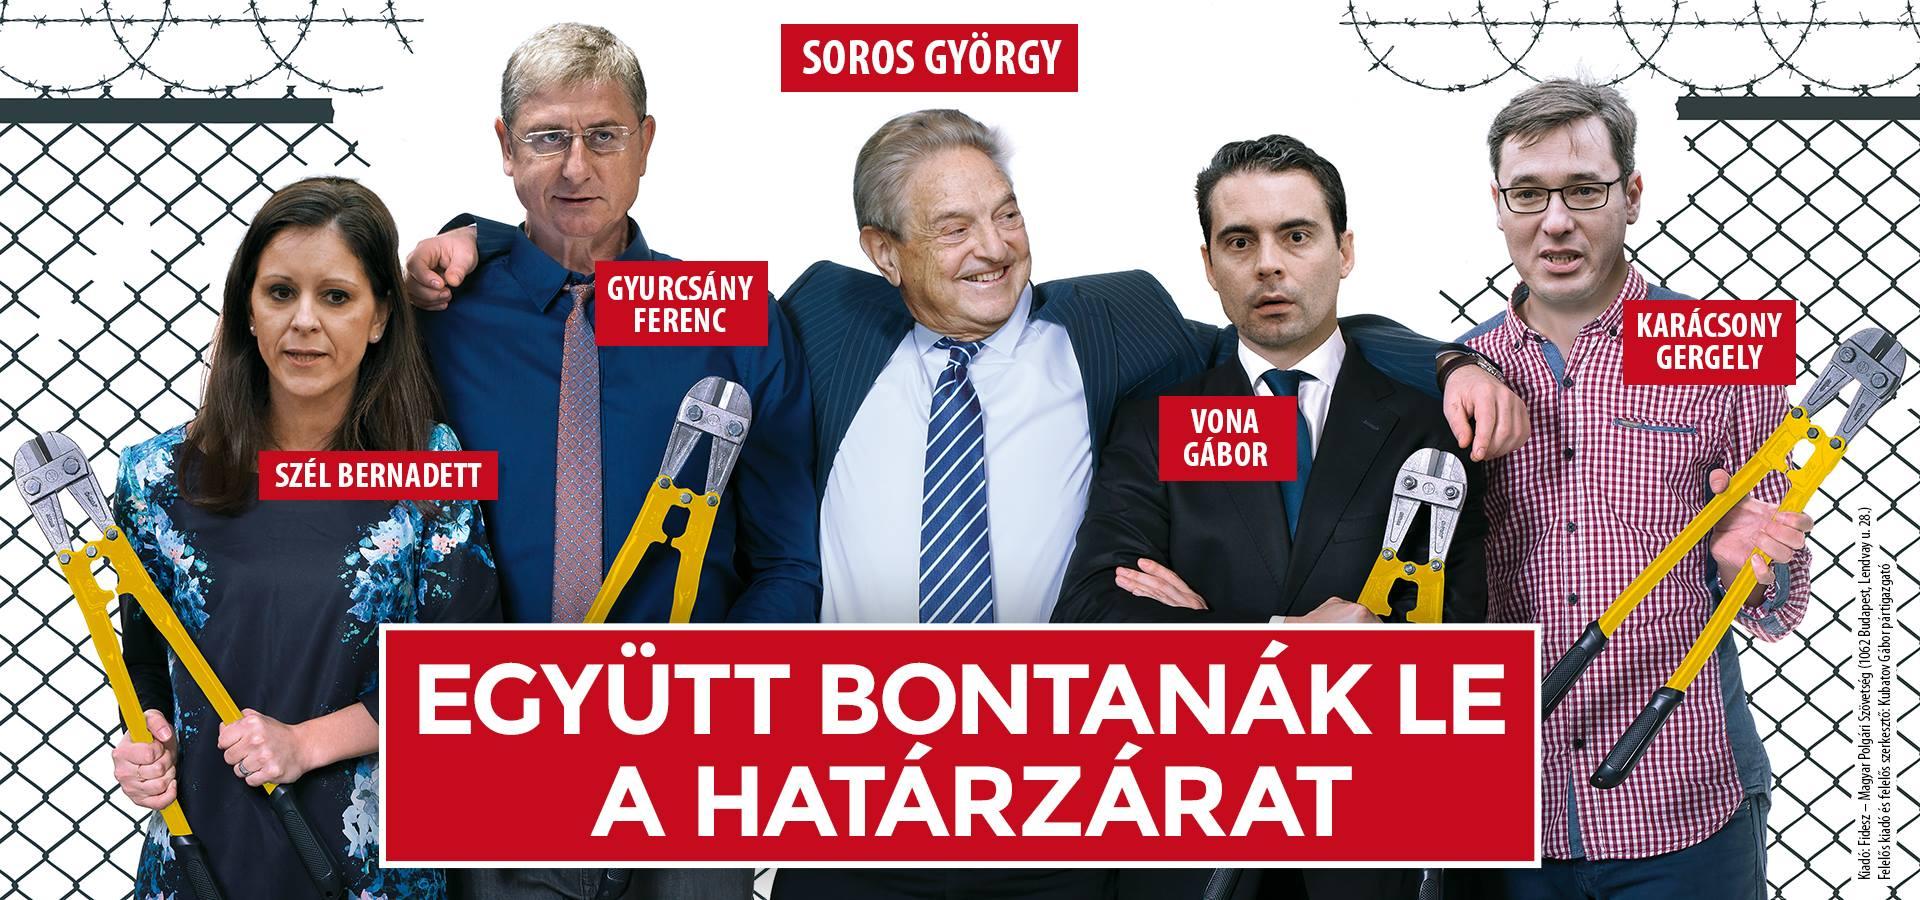 Óriásplakáton is hazudik a Fidesz: még Soros sem akarja lebontani a kerítést